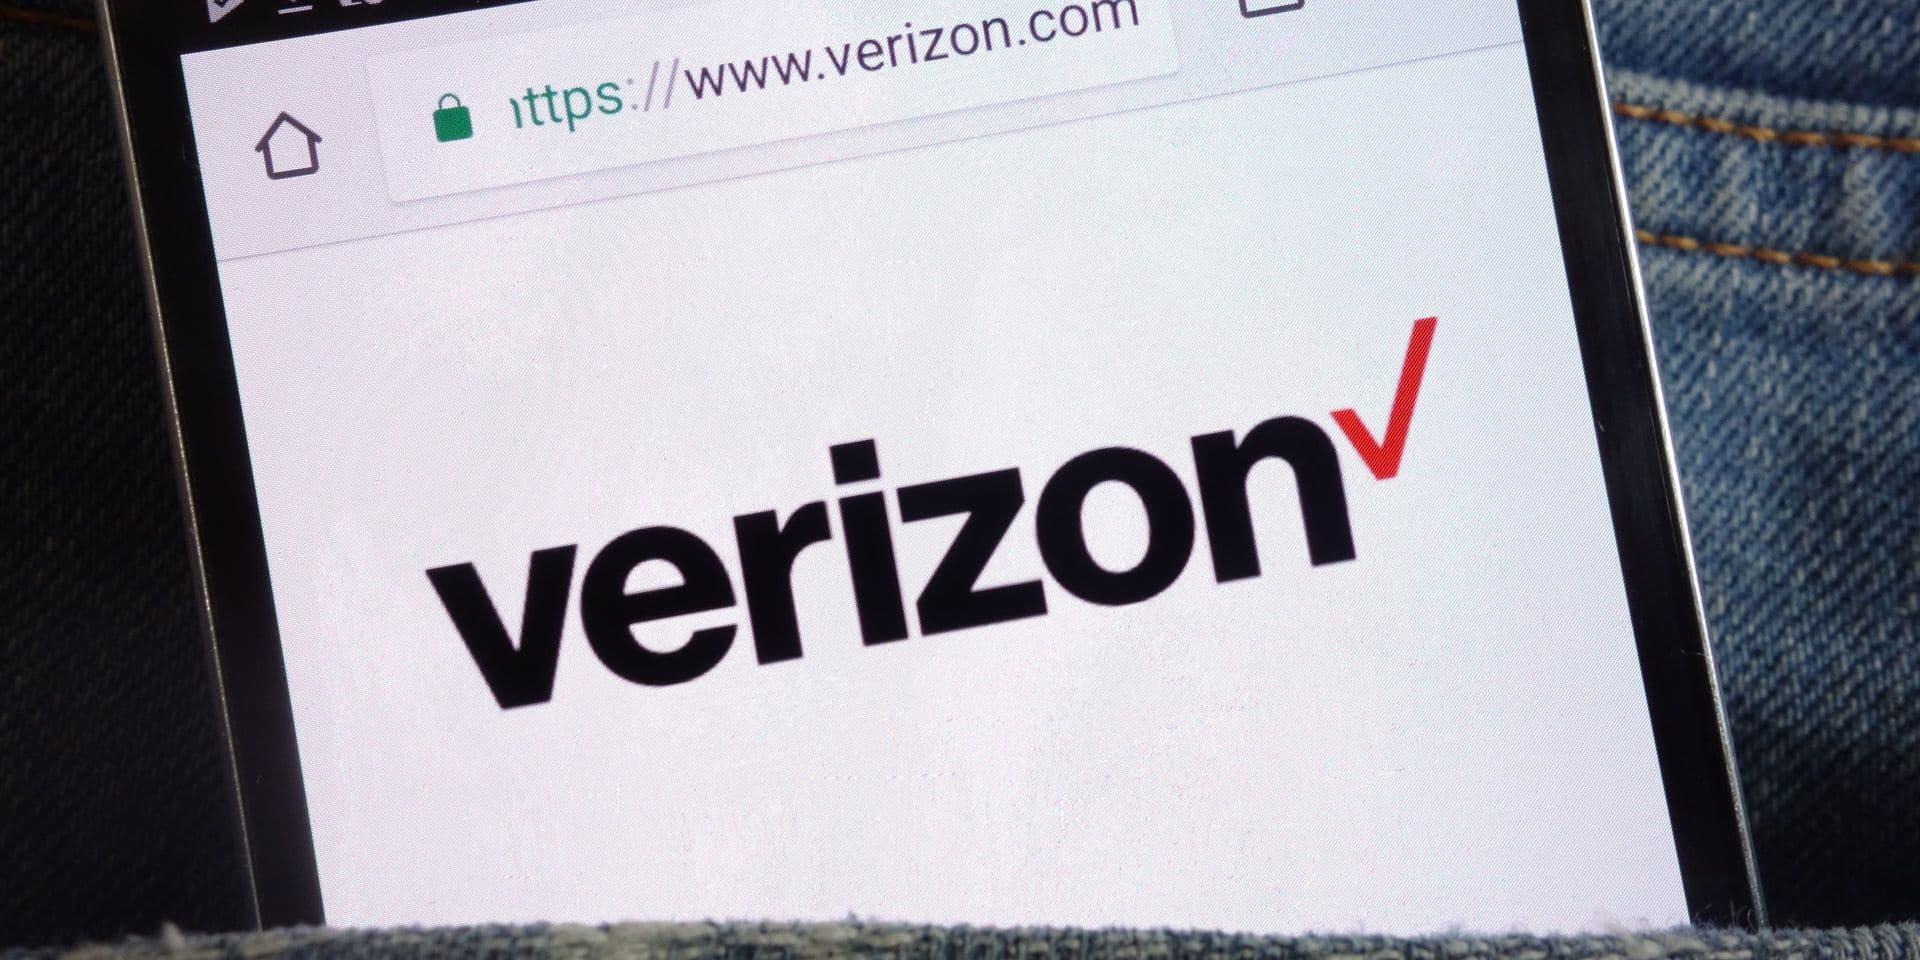 Verizon n'a pas connu le succès espéré sur sa branche médias et a notamment dû provisionner fin 2018 une perte de 4,9 milliards de dollars.